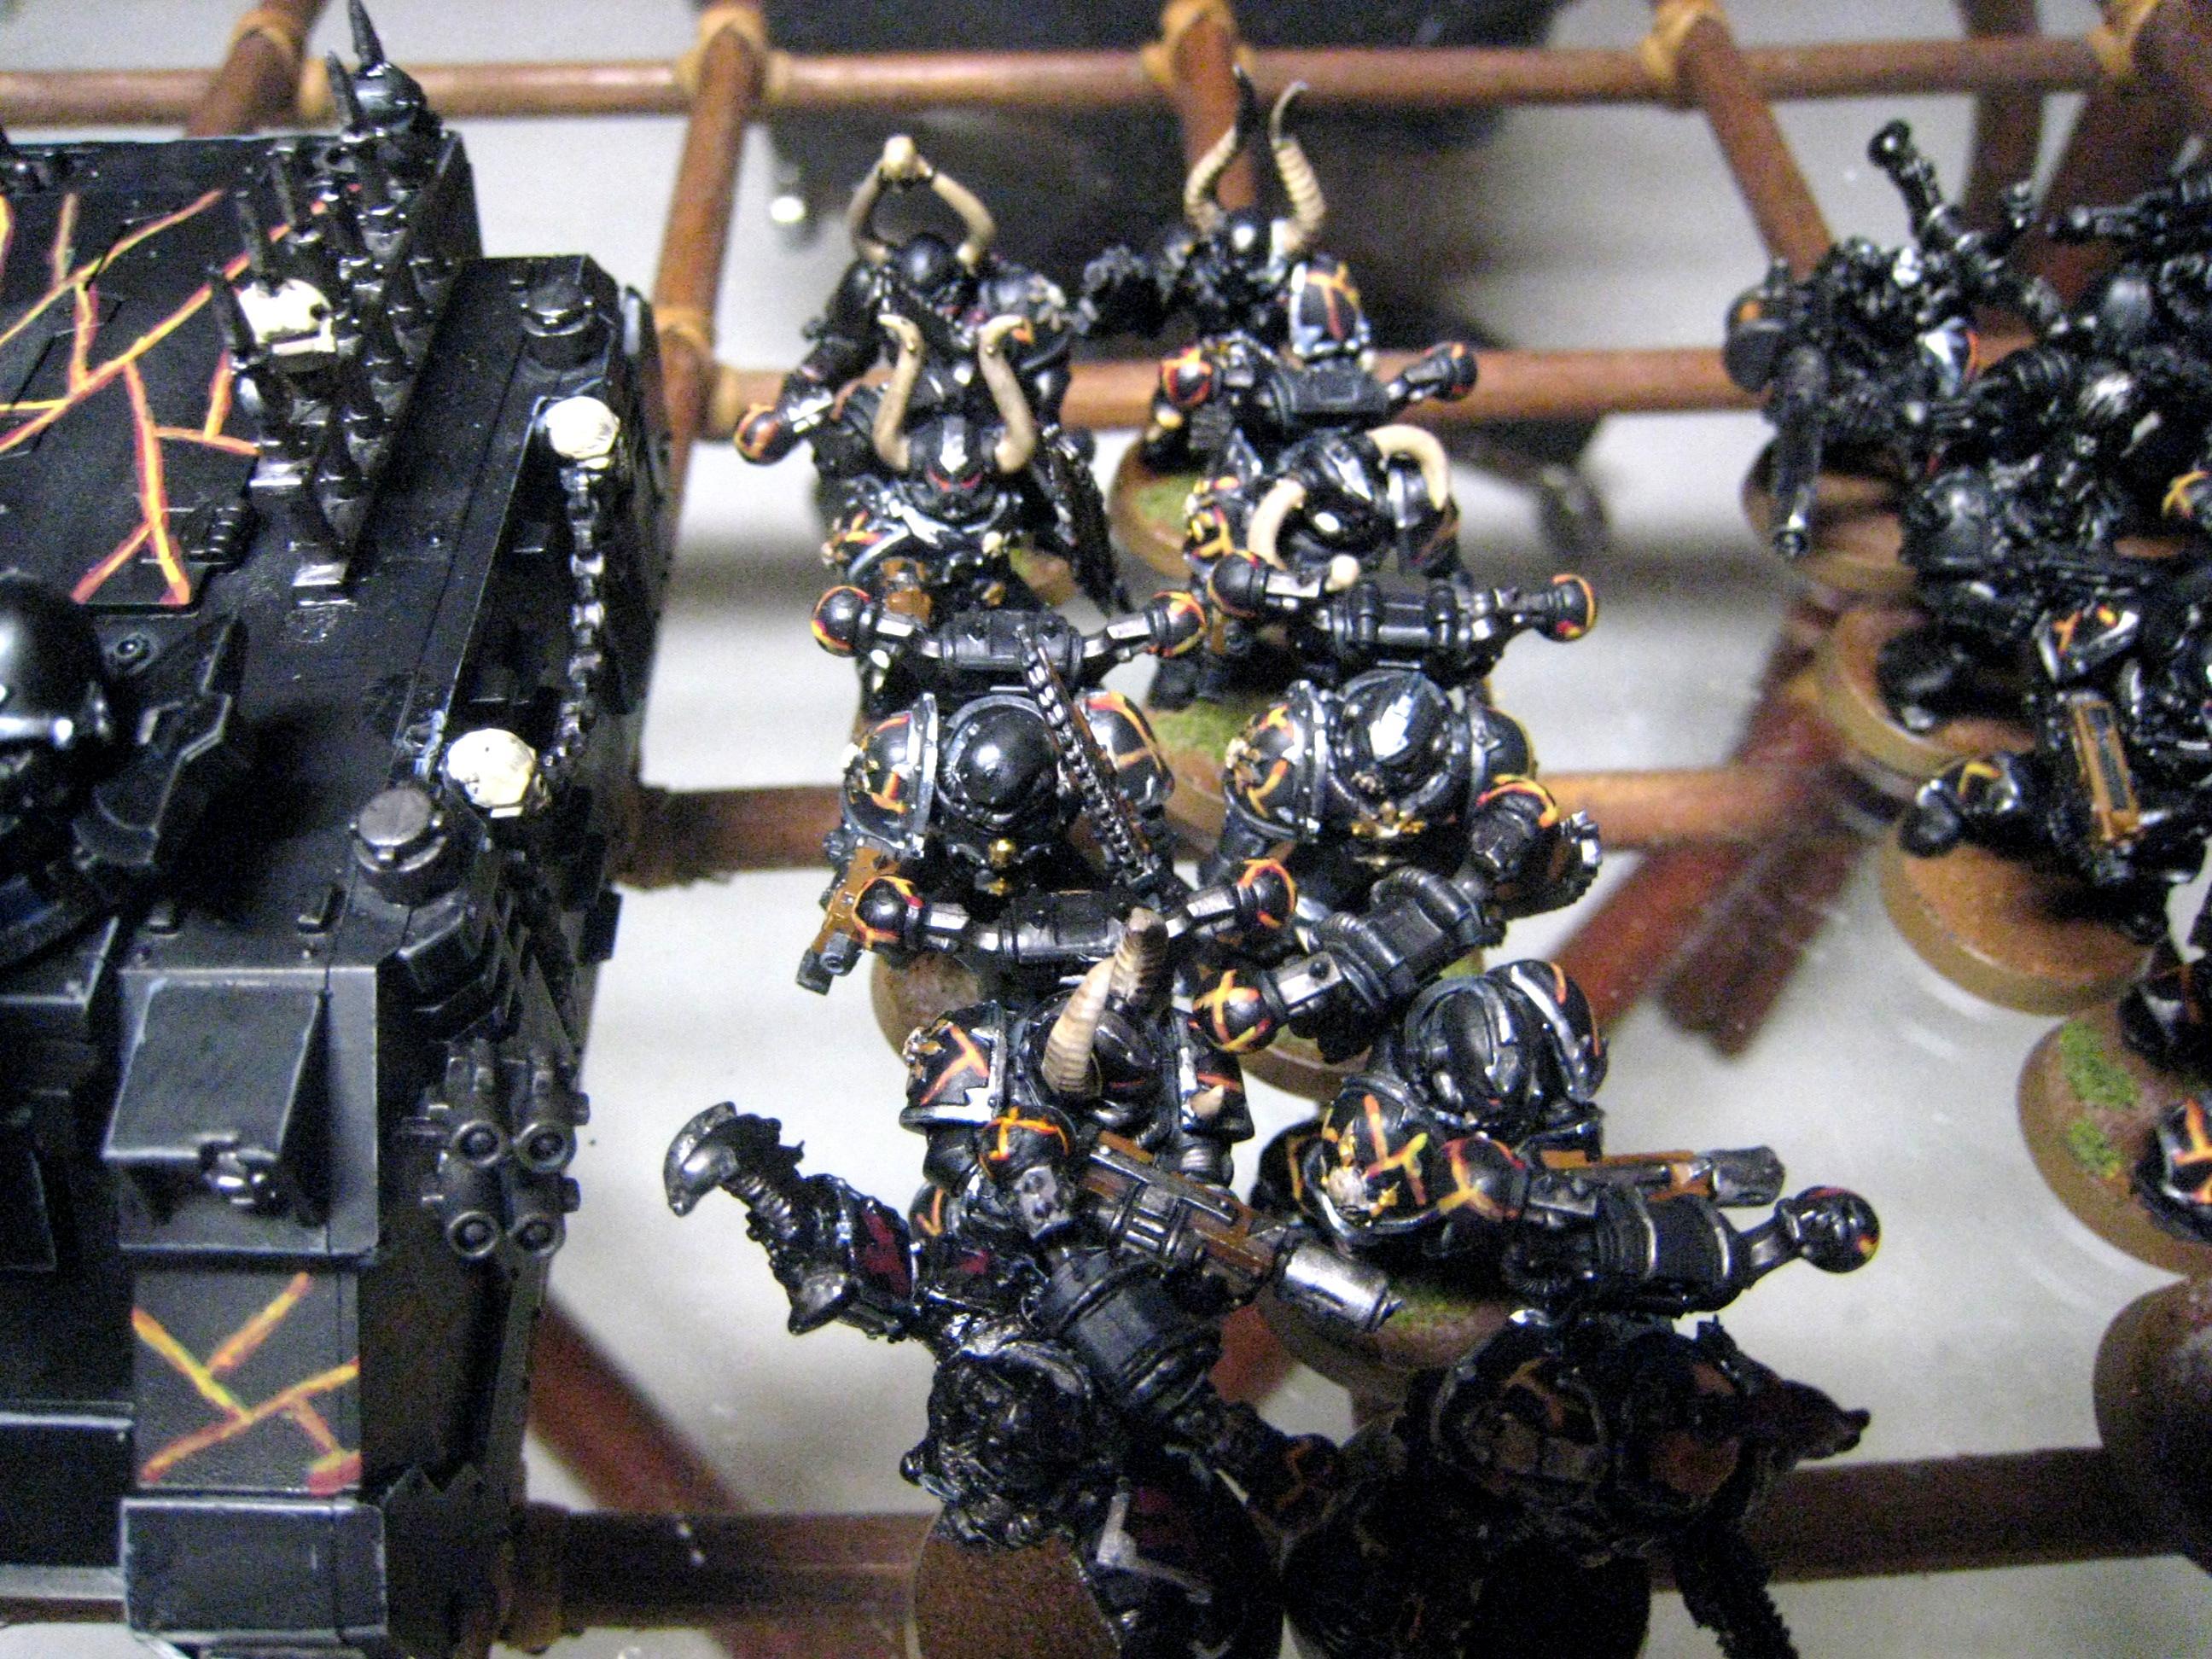 Berzerker, Bolt Pistol, Chaos Space Marines, Hakanor's Reavers, Meltagun, Possessed, Power Sword, Skull Champion